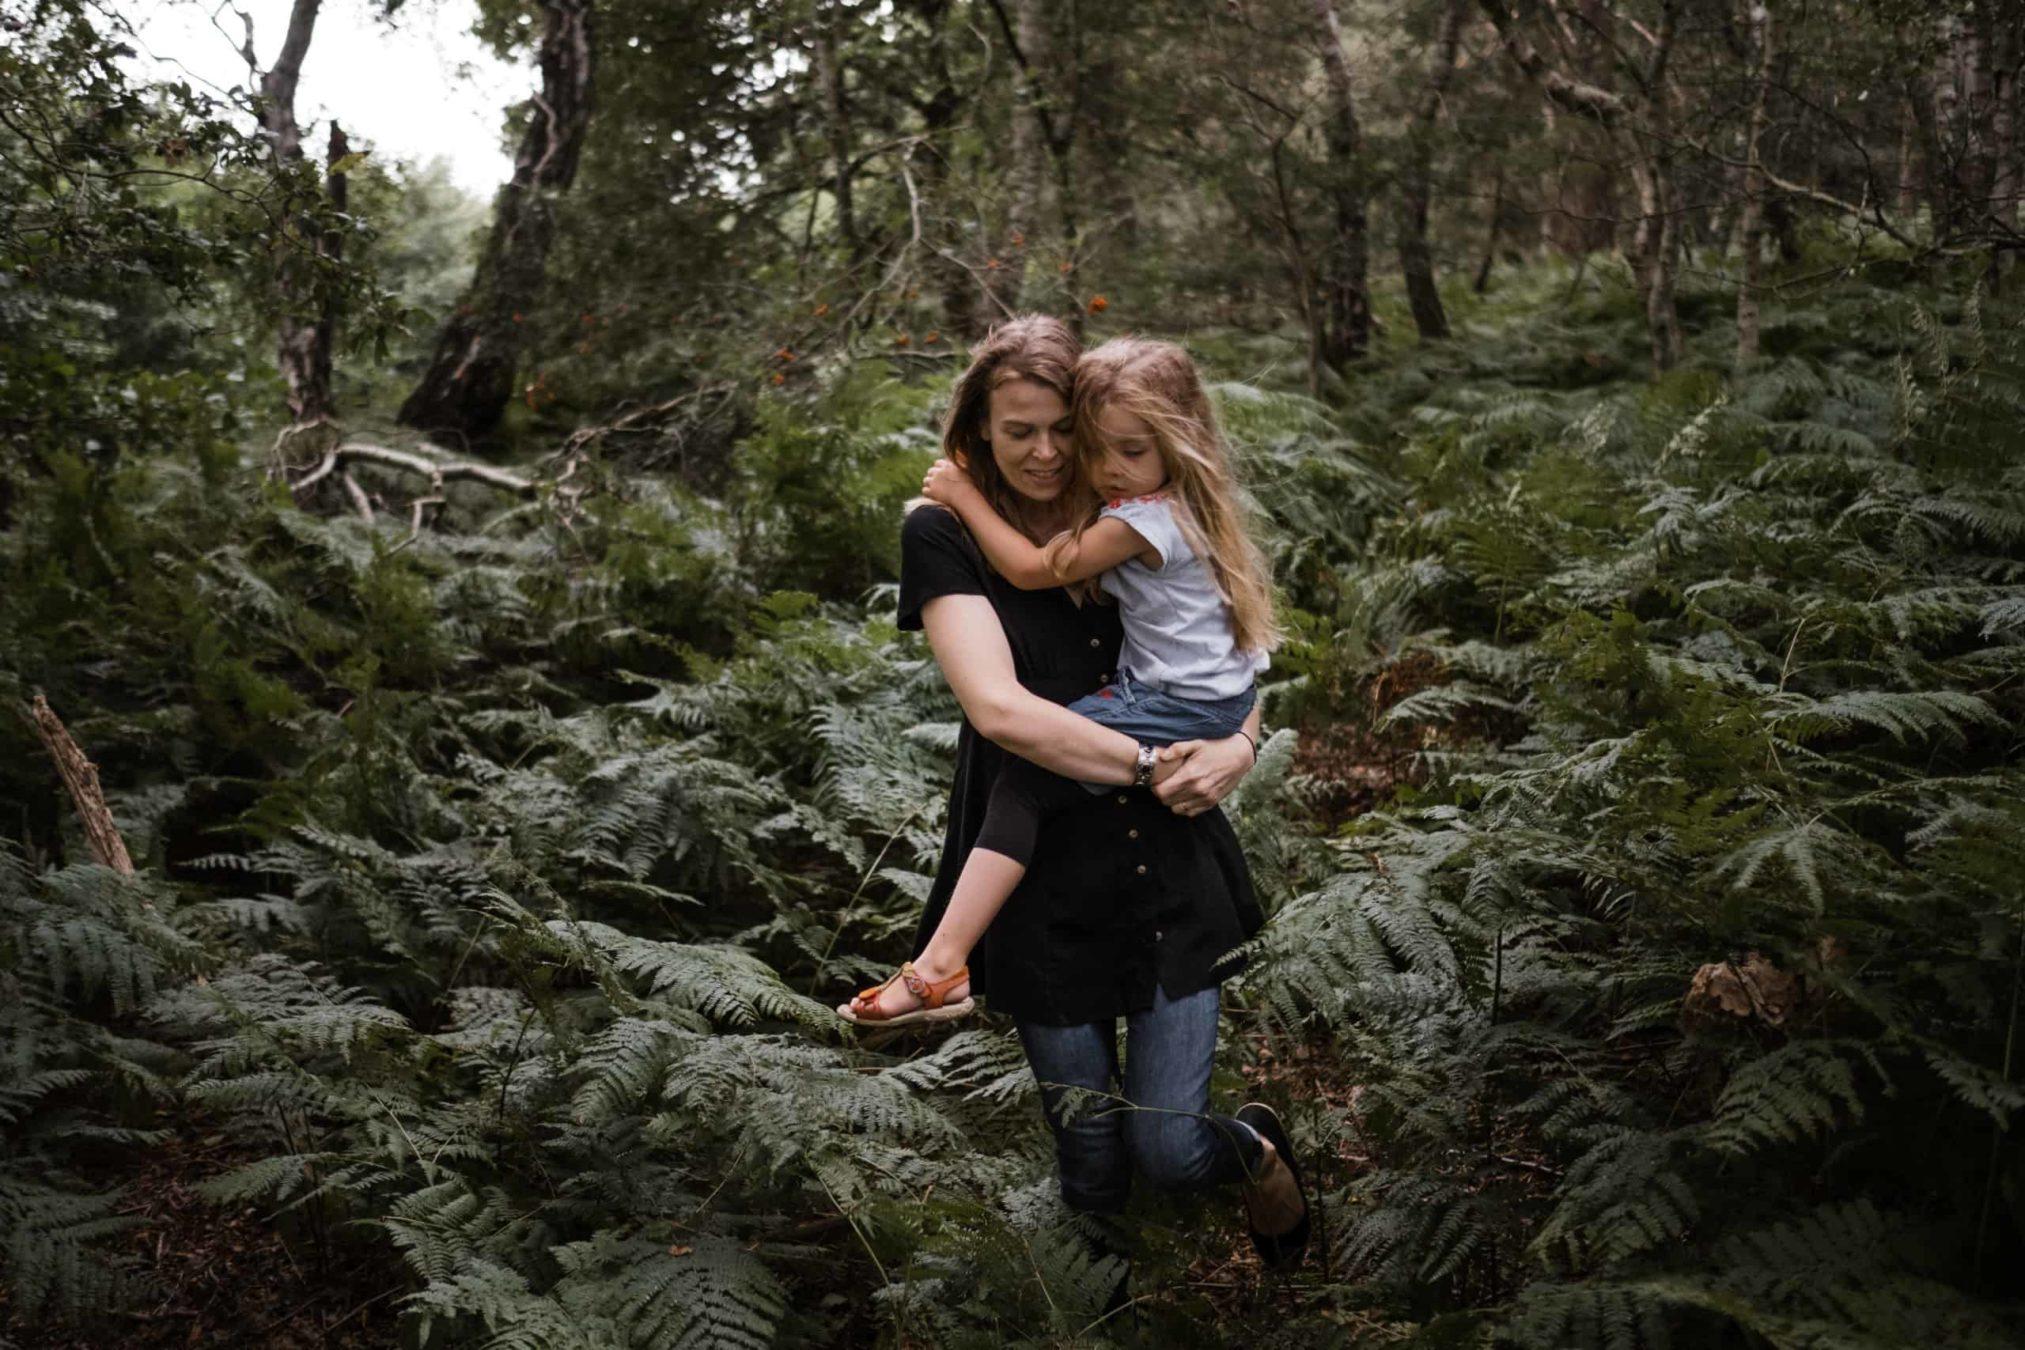 eine Mutter trägt ihre Tochter auf dem Arm durch einen Wald, der Boden ist mit großem Fahn bewachsen, die Tochter hält sich am Hals der Mutter fest